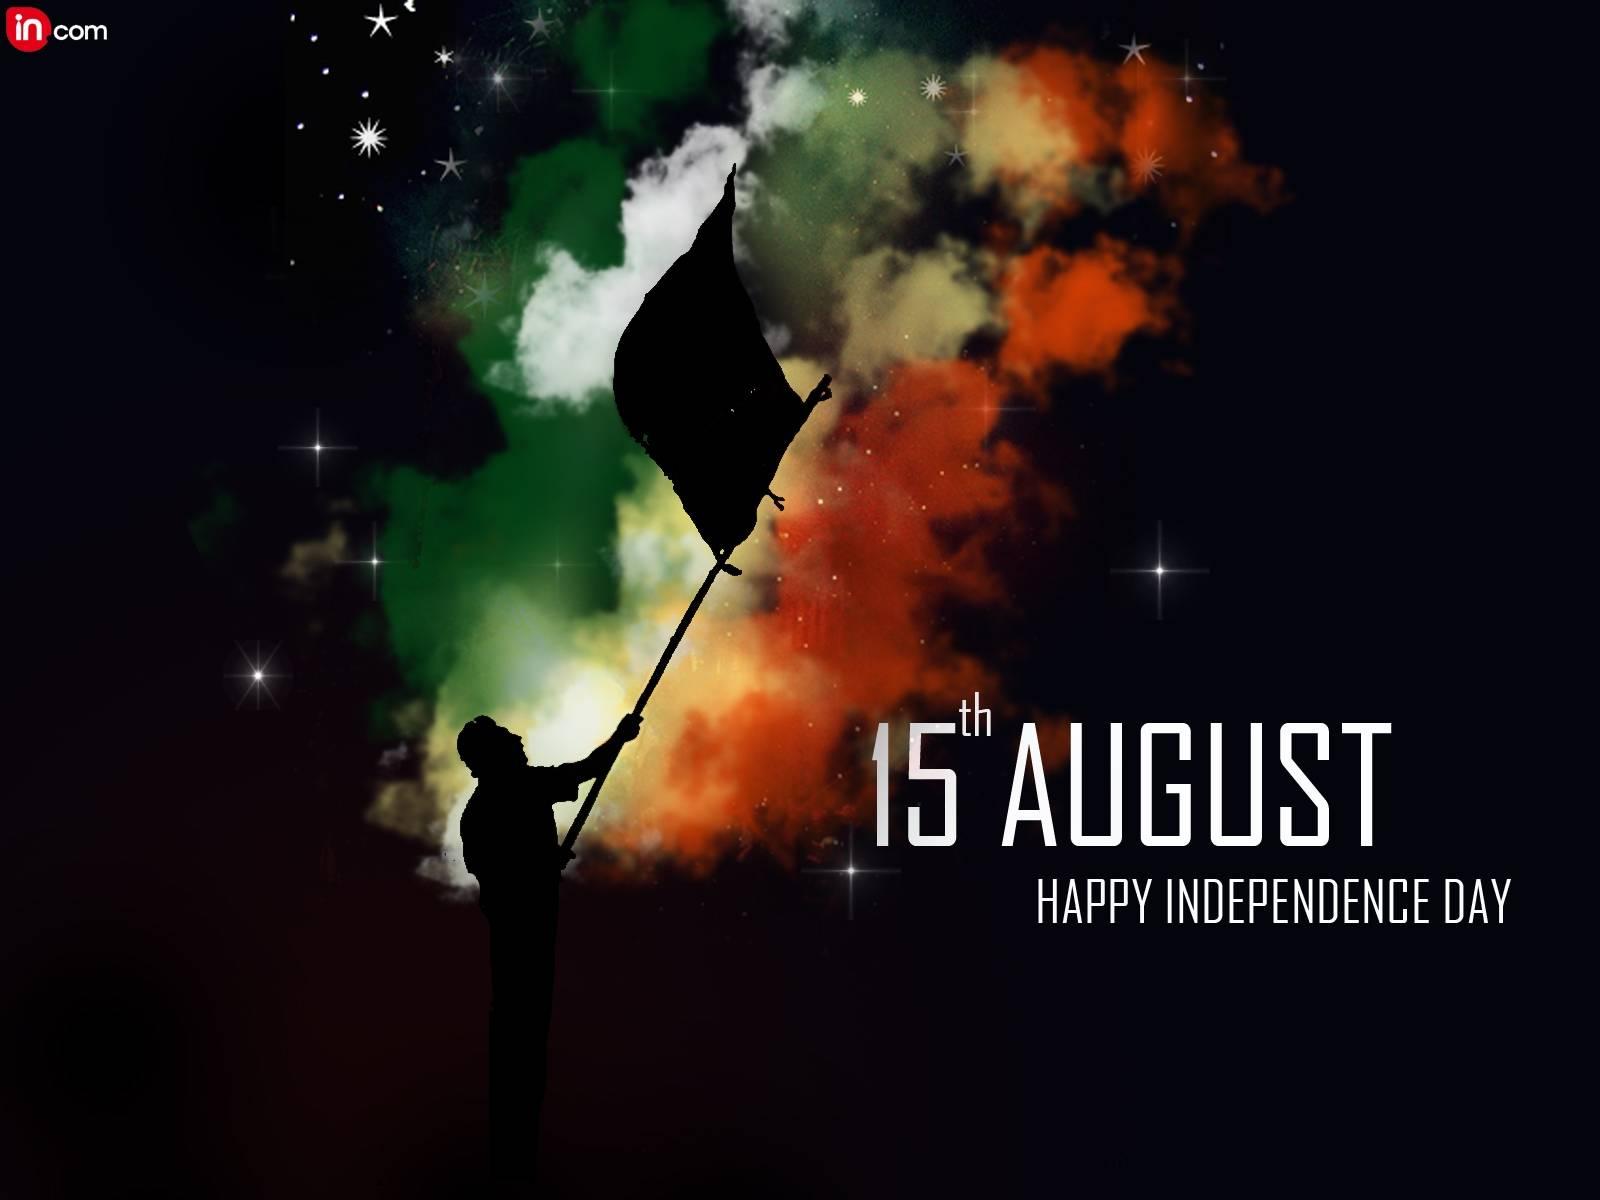 independence day 15 august भारत में 'स्वतंत्रता दिवस' 15 अगस्त को मनाया जाता है। 15 अगस्त.